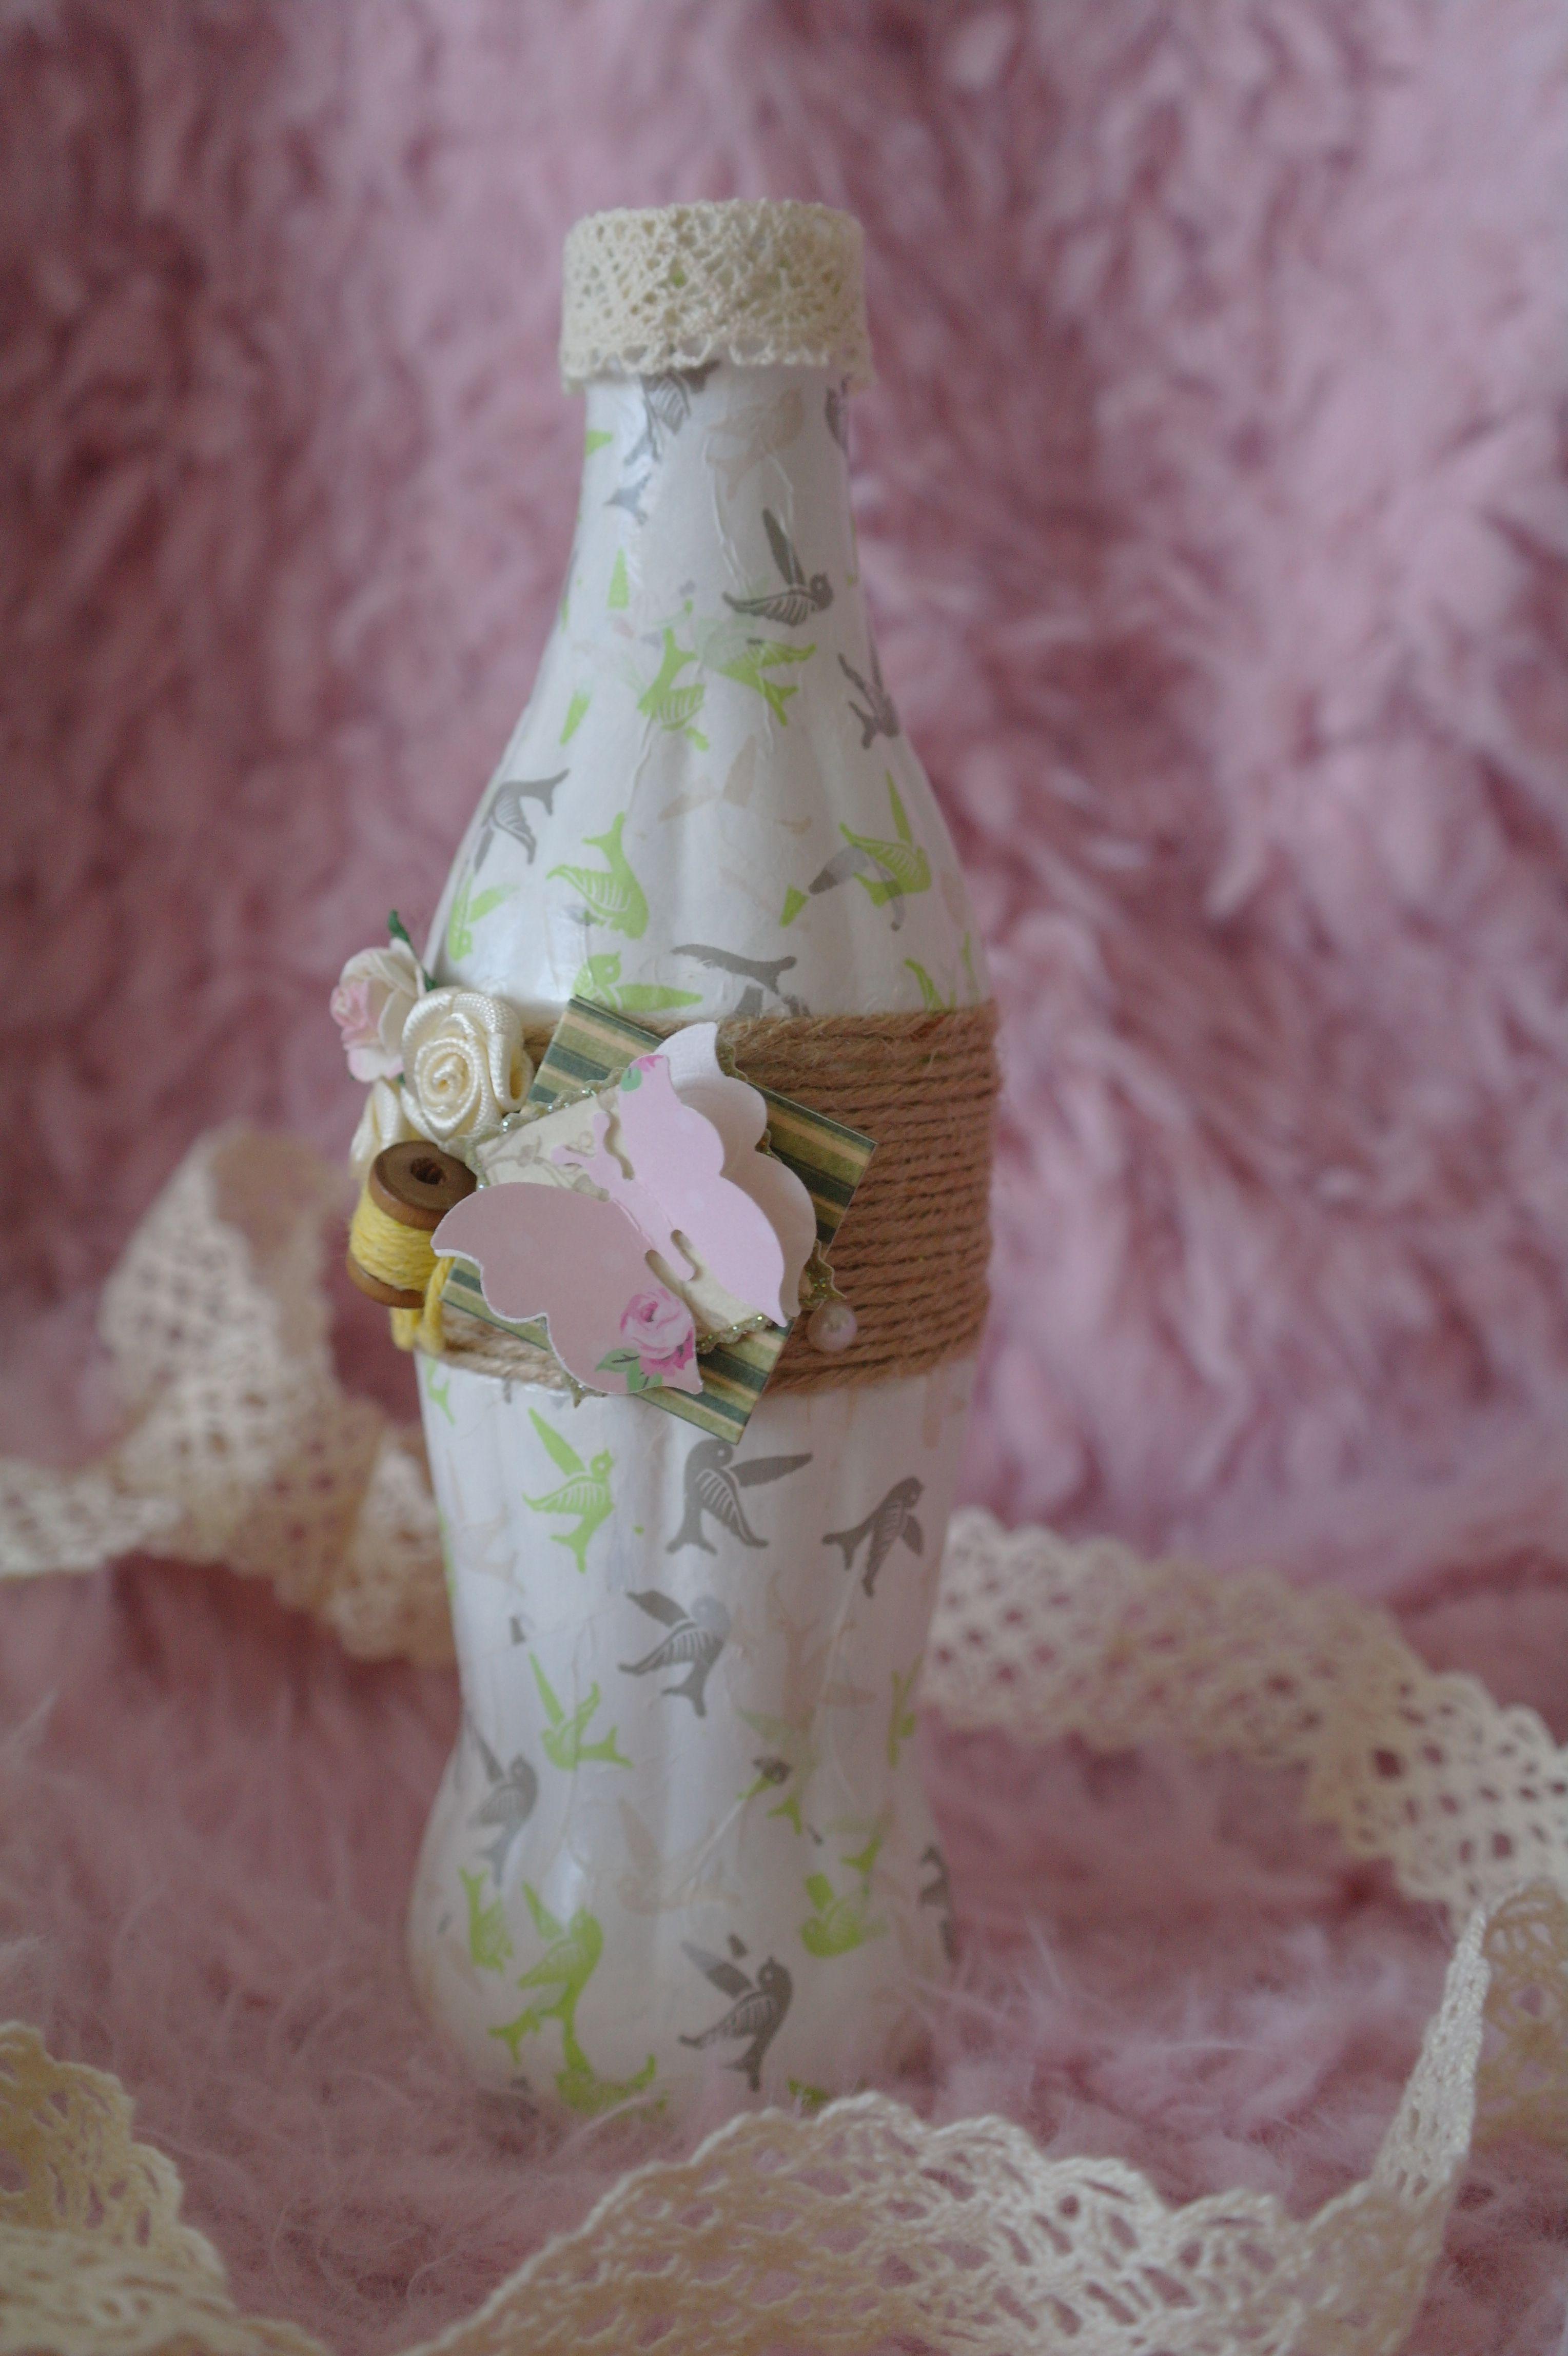 бутылка одного для ваза бабочки весна цветы стекло цветка